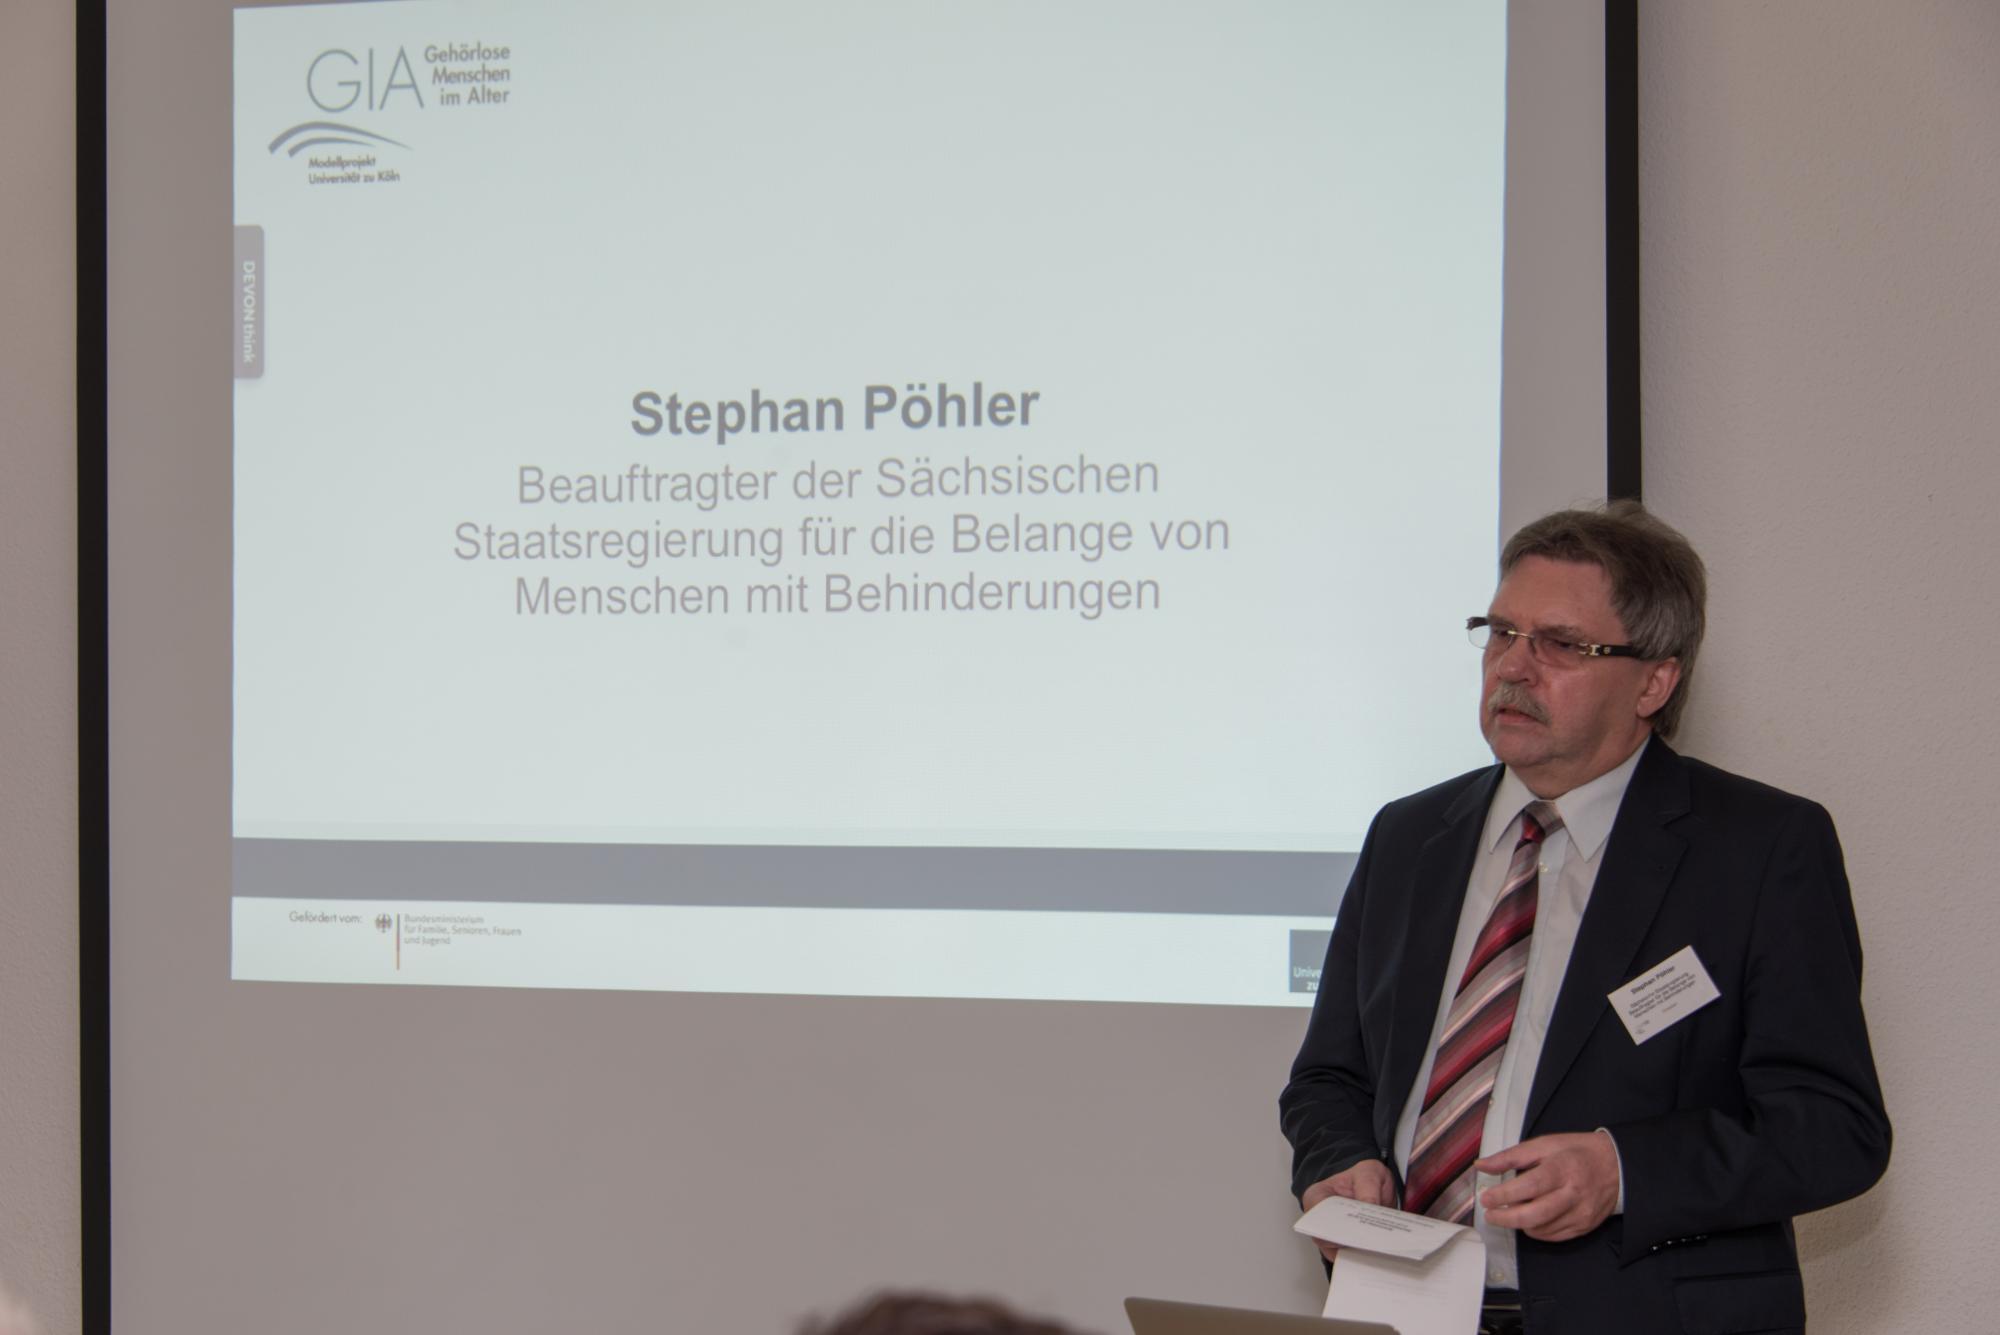 Stephan Pöhler